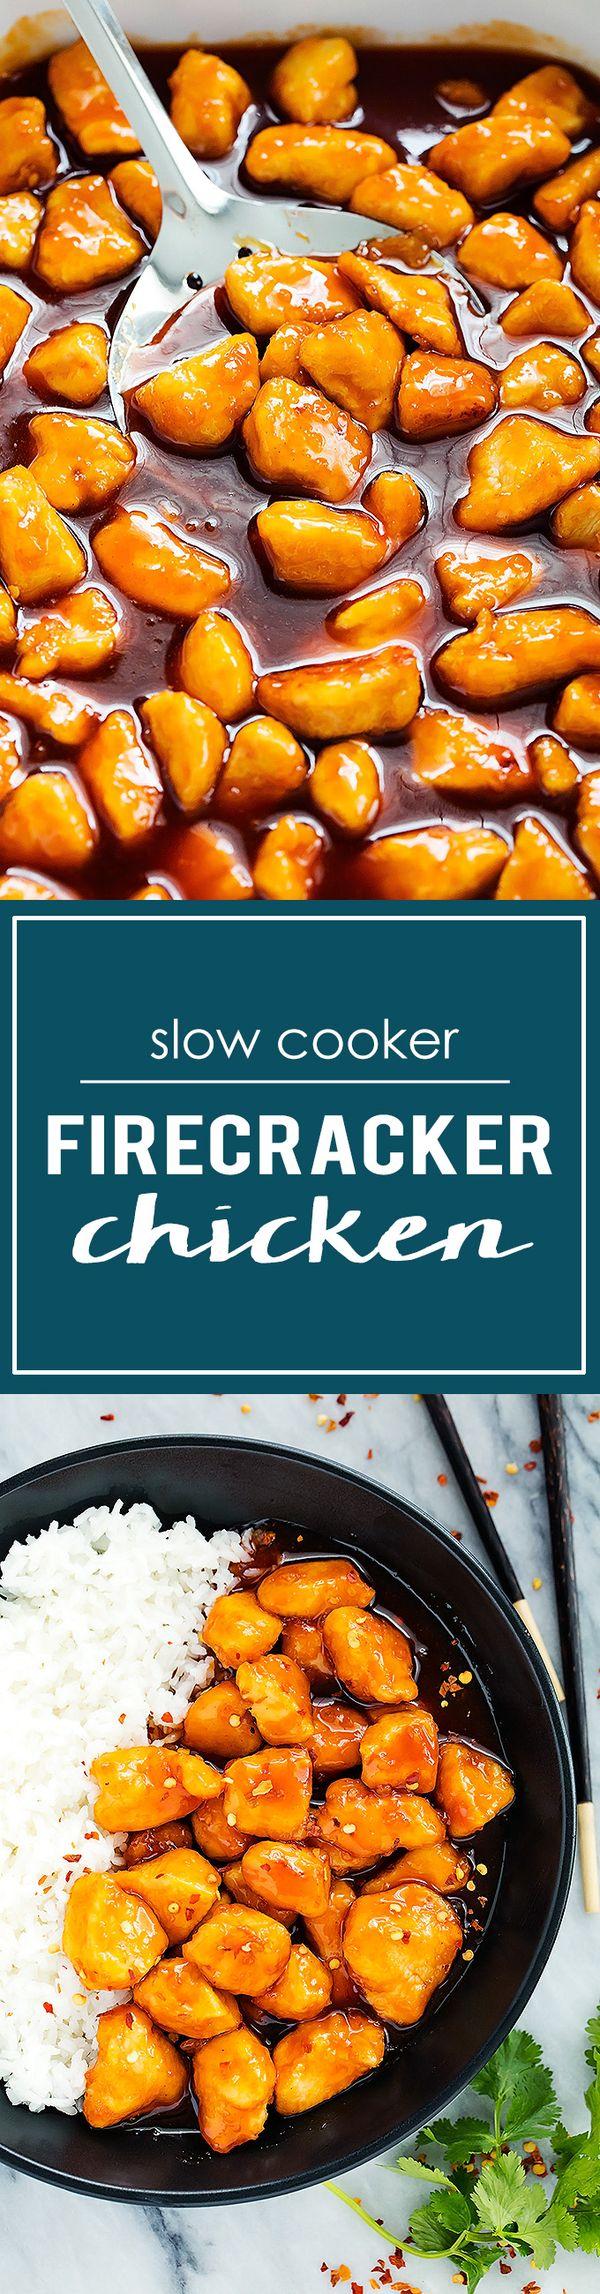 Slow Cooker Firecracker Chicken